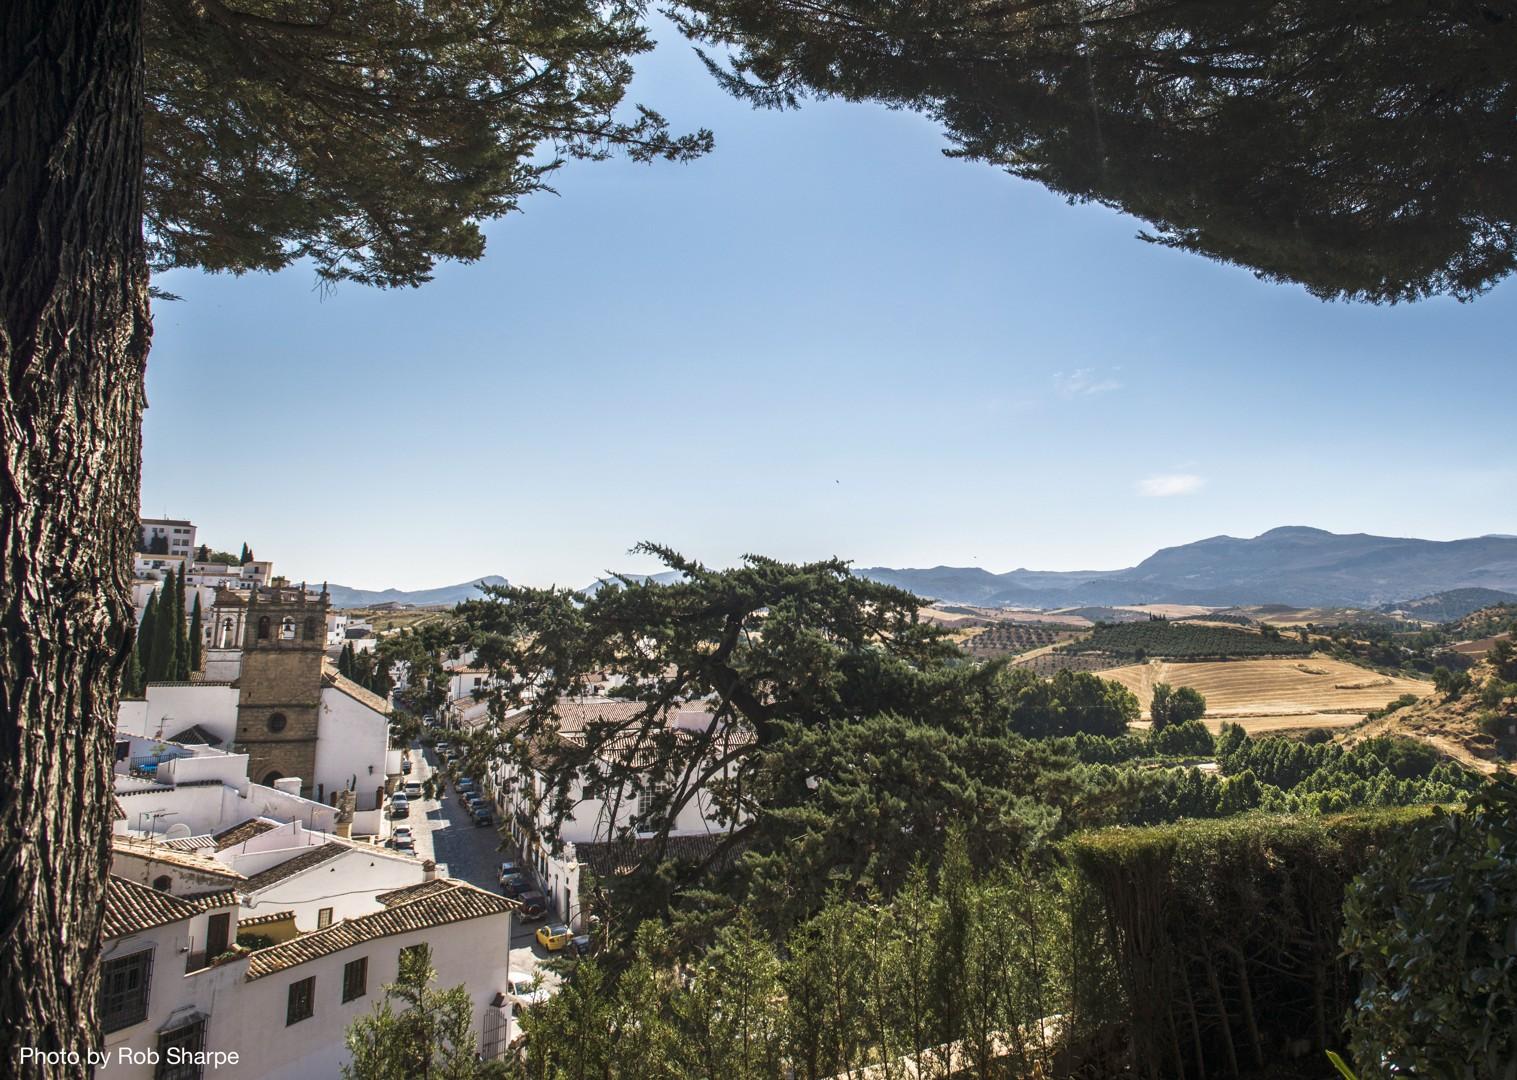 ronda_013 copy.jpg - Southern Spain - Andalucia - Los Pueblos Blancos - Road Cycling